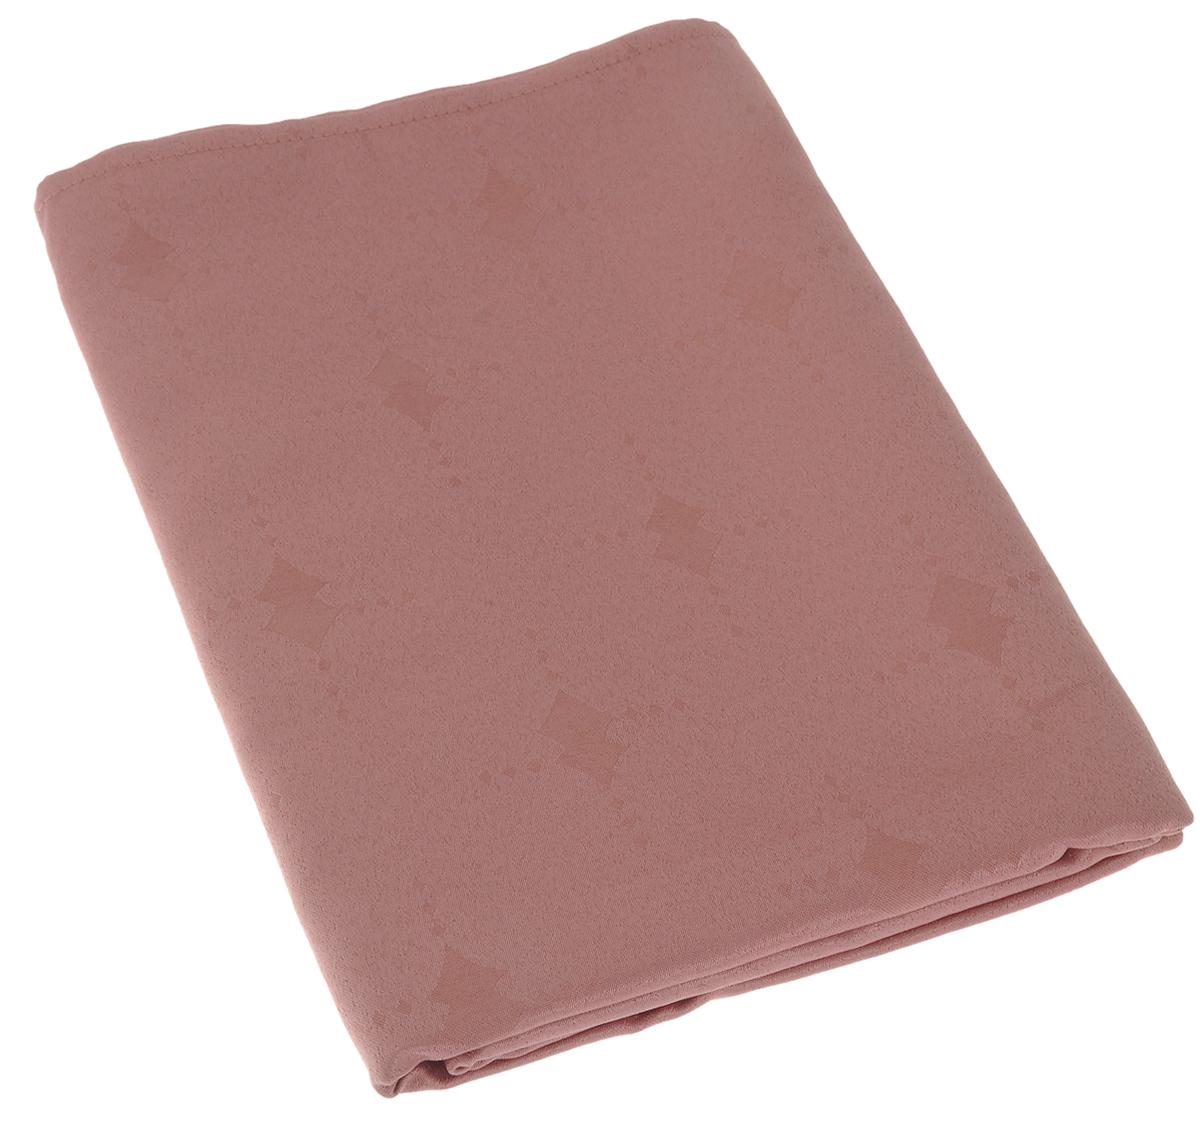 Скатерть Schaefer, прямоугольная, цвет: пепельно-розовый, 160 х 220 см. 07508-40807508-408Изящная прямоугольная скатерть Schaefer, выполненная из плотного полиэстера, станет украшением кухонного стола. Изделие декорировано красивым узором в виде ромбов.За текстилем из полиэстера очень легко ухаживать: он не мнется, не садится и быстро сохнет, легко стирается, более долговечен, чем текстиль из натуральных волокон.Использование такой скатерти сделает застолье торжественным, поднимет настроение гостей и приятно удивит их вашим изысканным вкусом. Также вы можете использовать эту скатерть для повседневной трапезы, превратив каждый прием пищи в волшебный праздник и веселье. Это текстильное изделие станет изысканным украшением вашего дома!